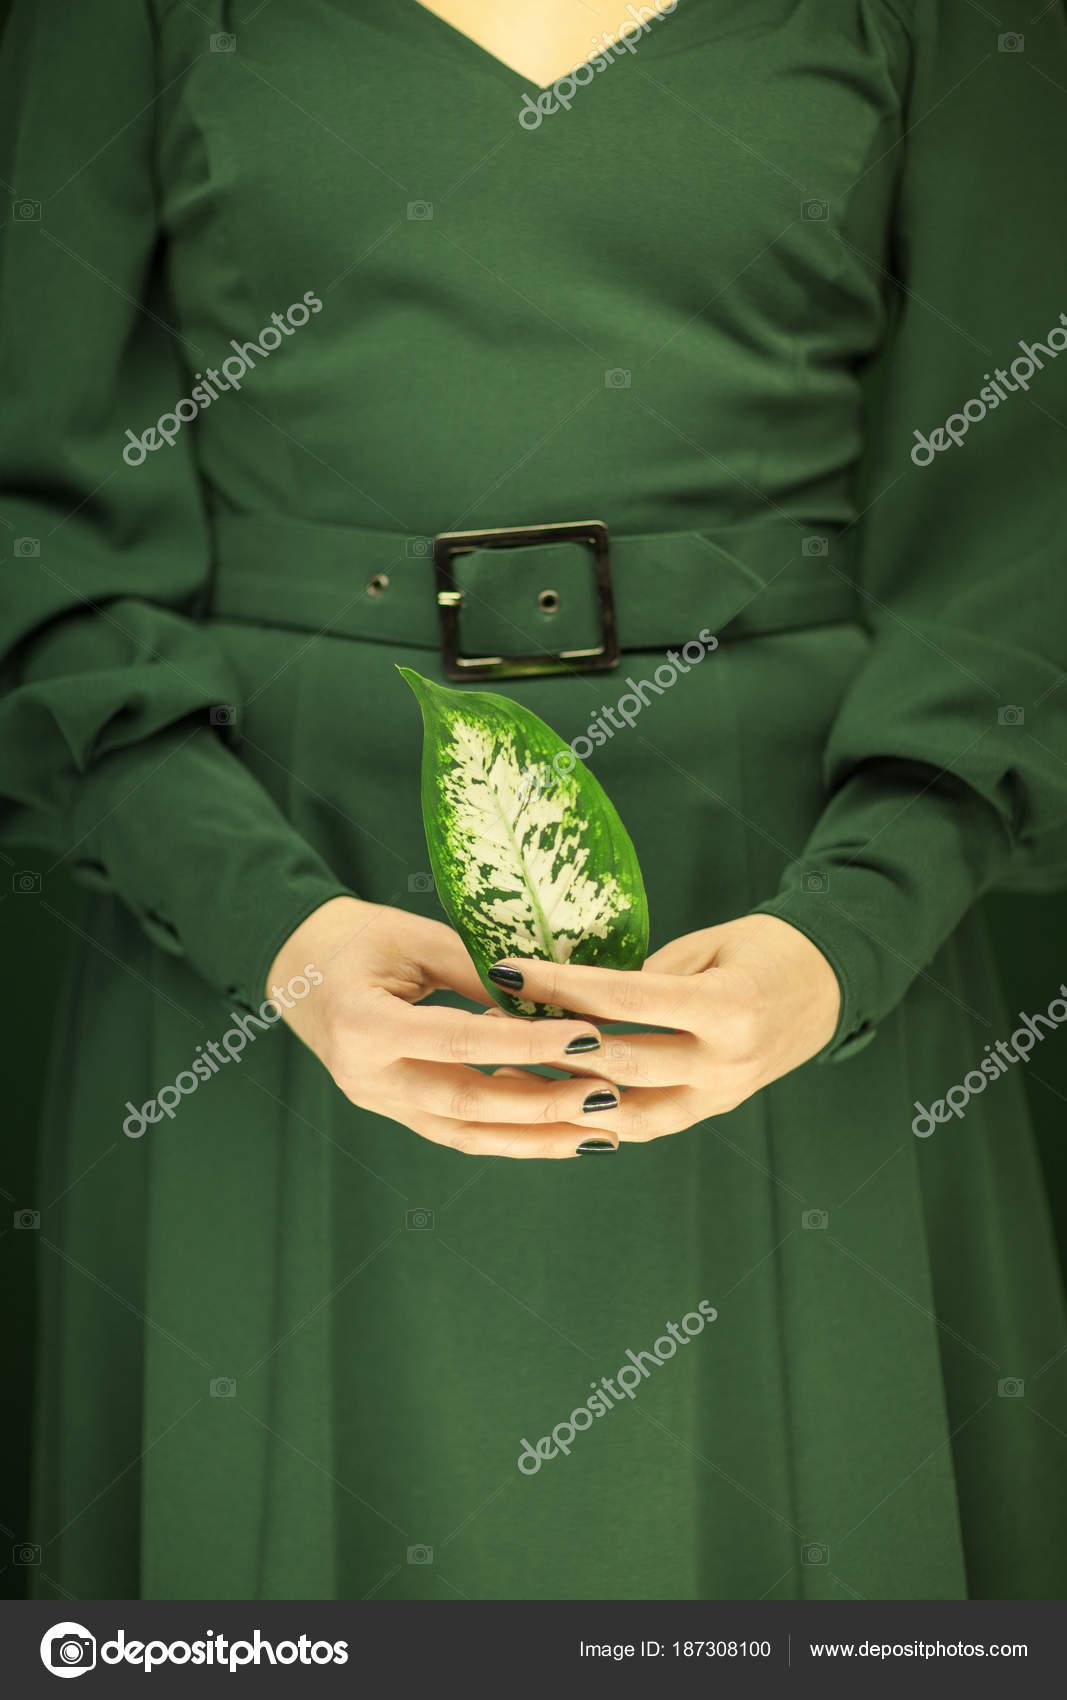 Vestido Mujer Verde Años Manos Sosteniendo Unas Hojas Tropicales ...